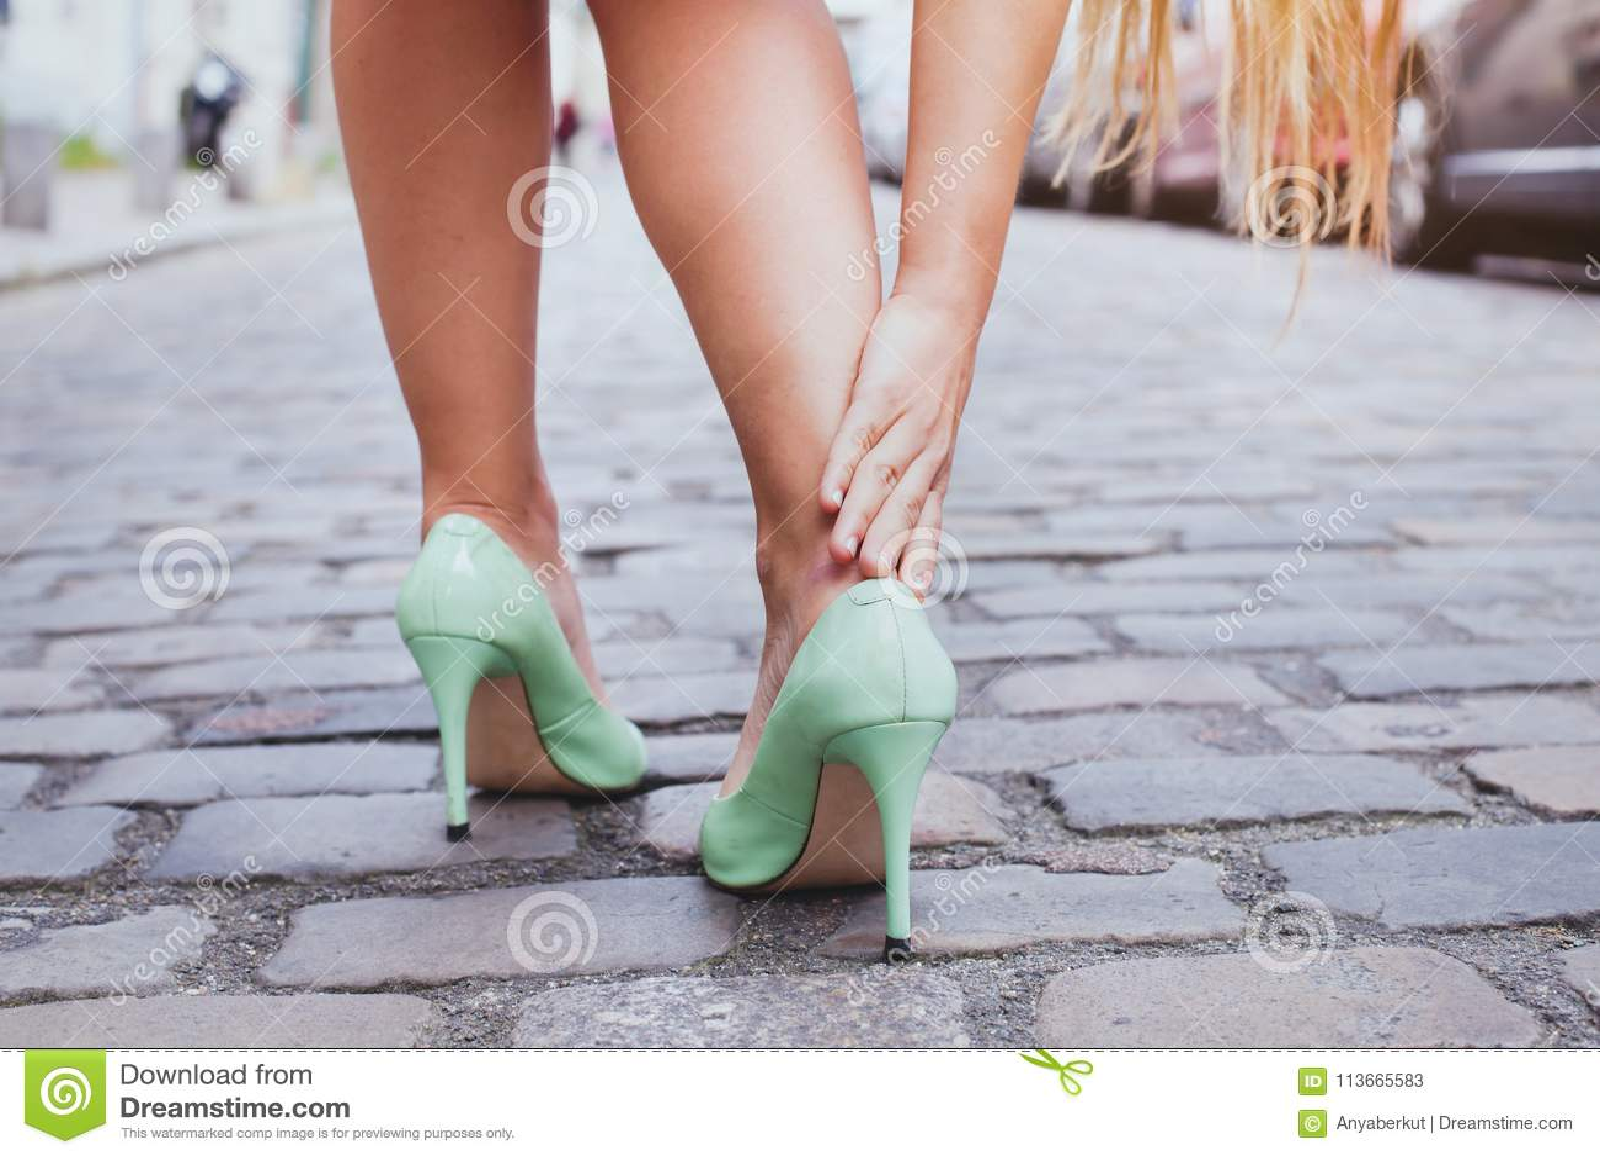 Blåsor kvinna på höga häl har smärtsamma skor